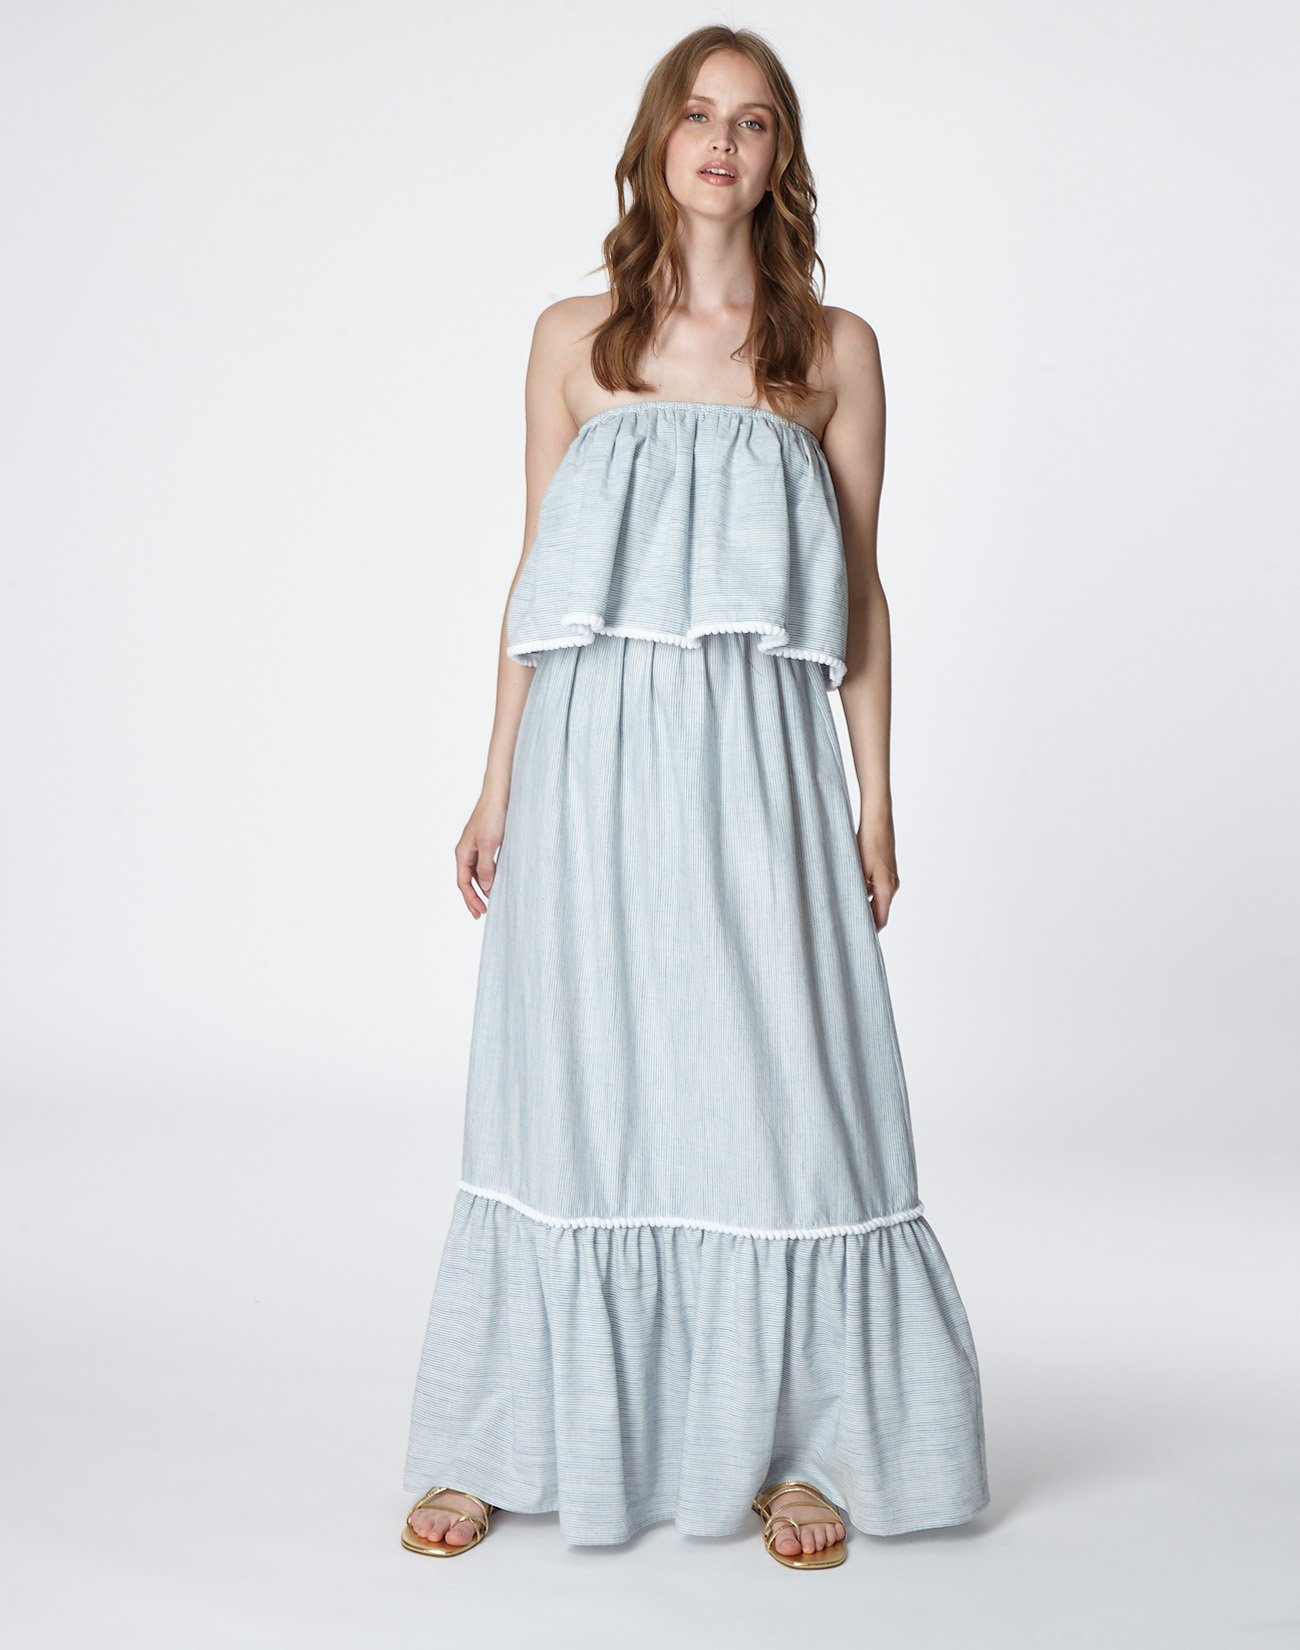 Μάξι στράπλες φόρεμα με πον πον